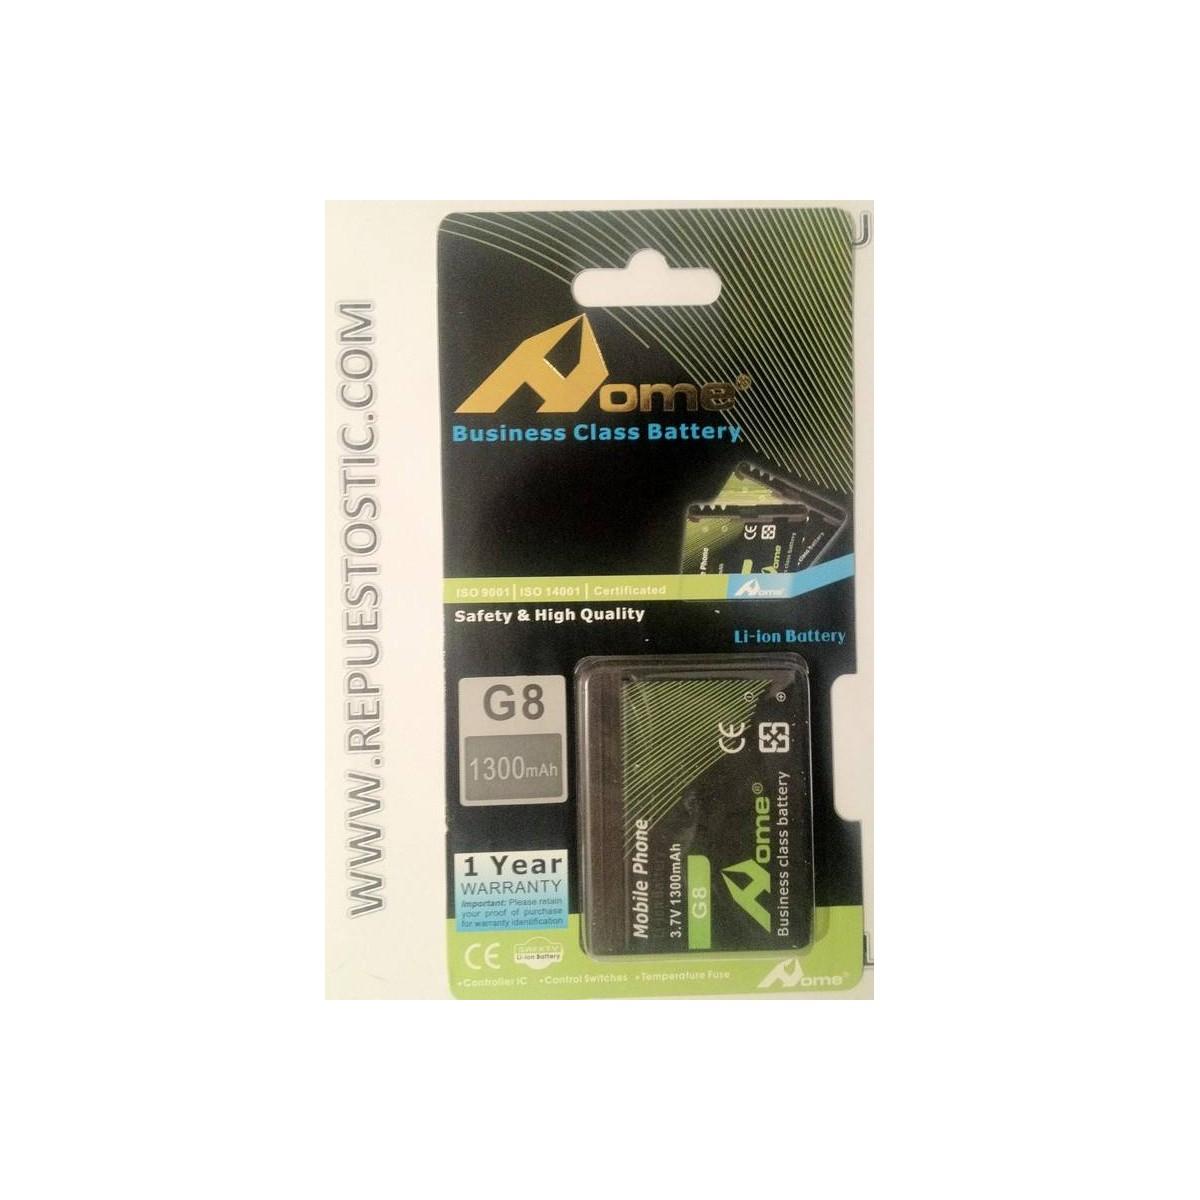 Bateria para HTC G8